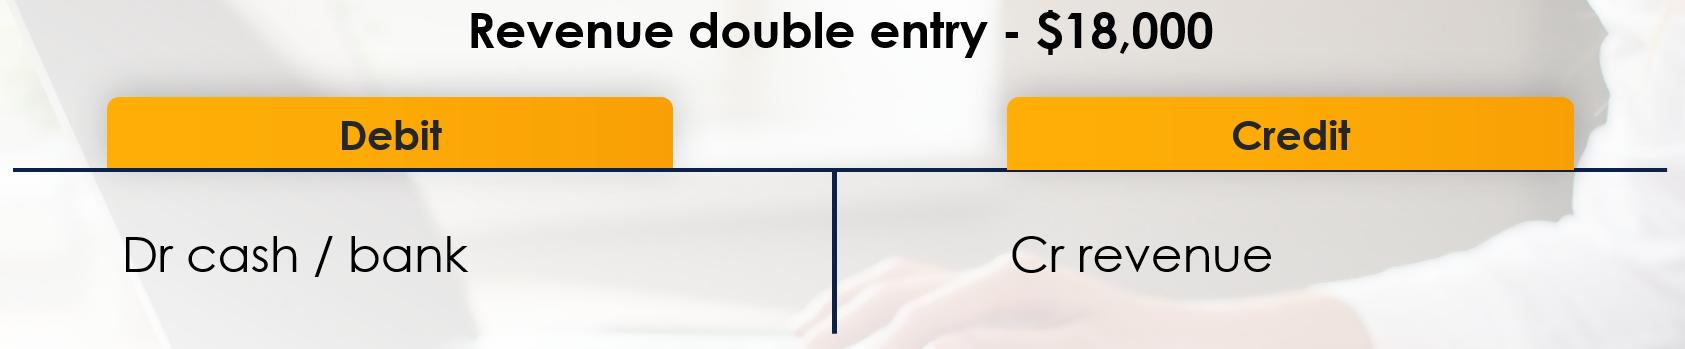 revenue double entry